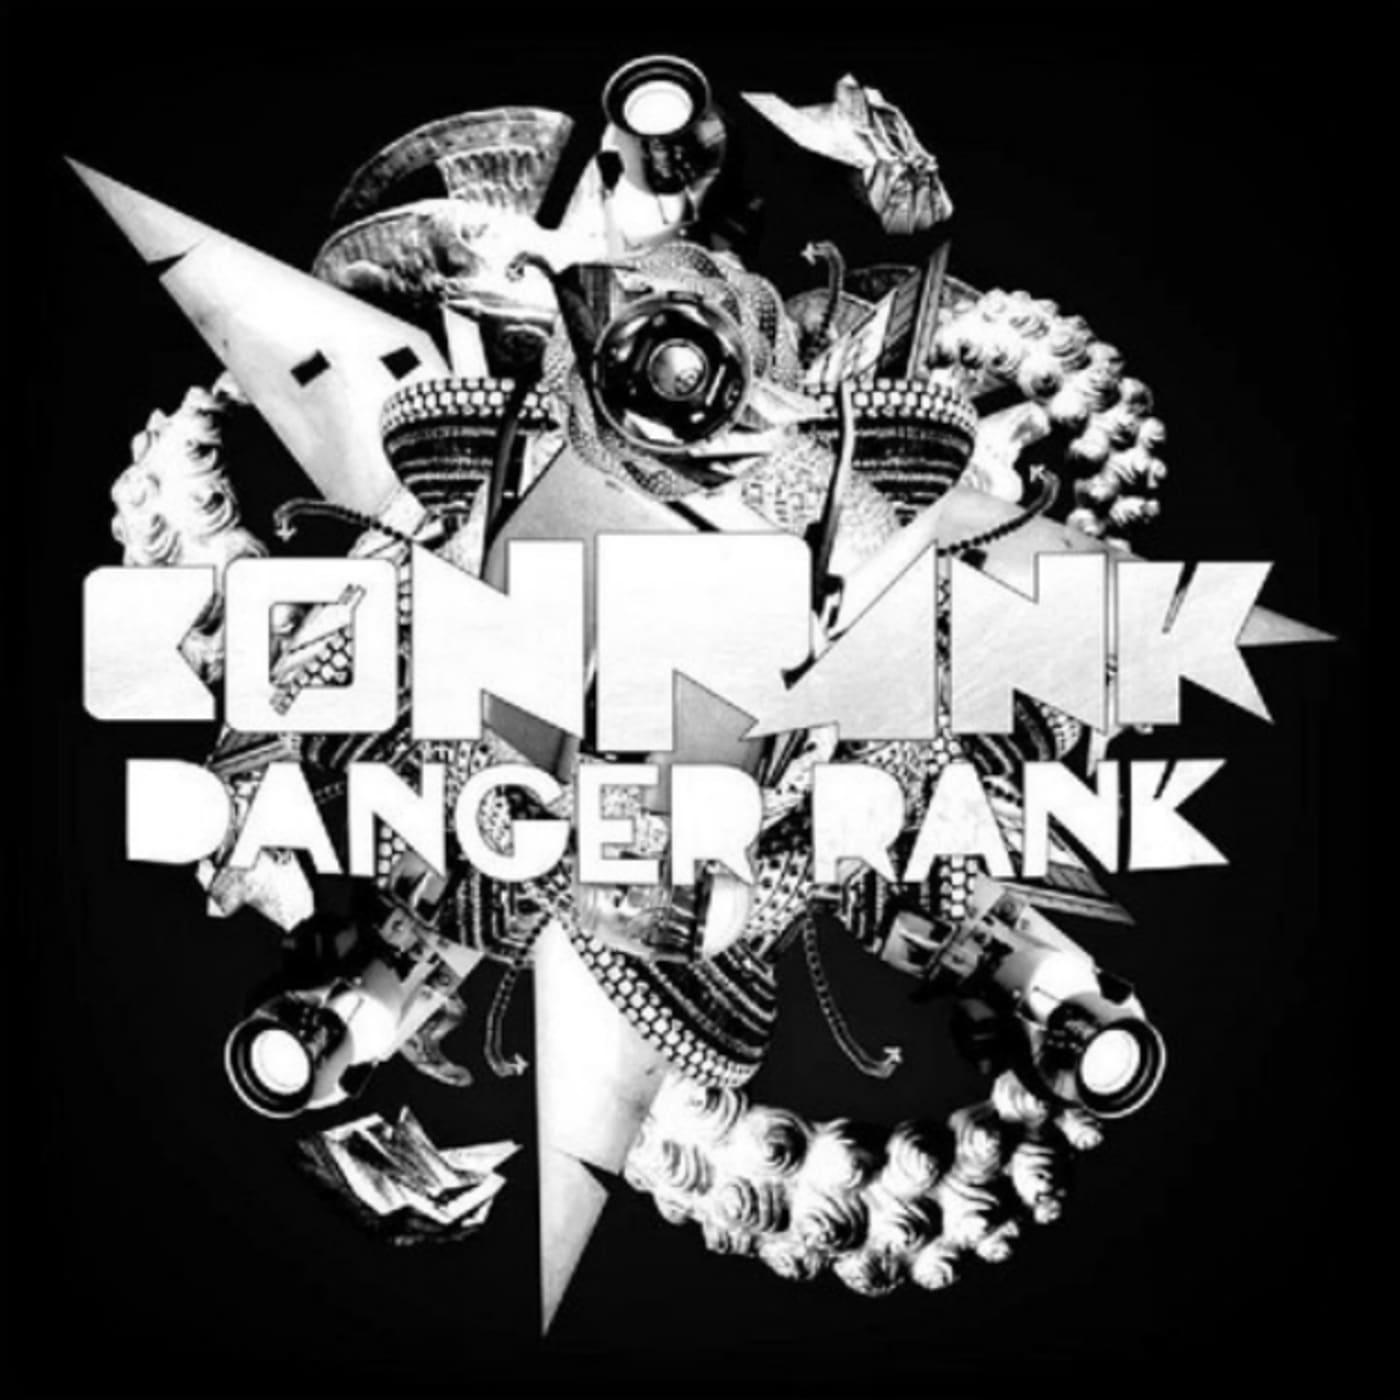 danger rank cover